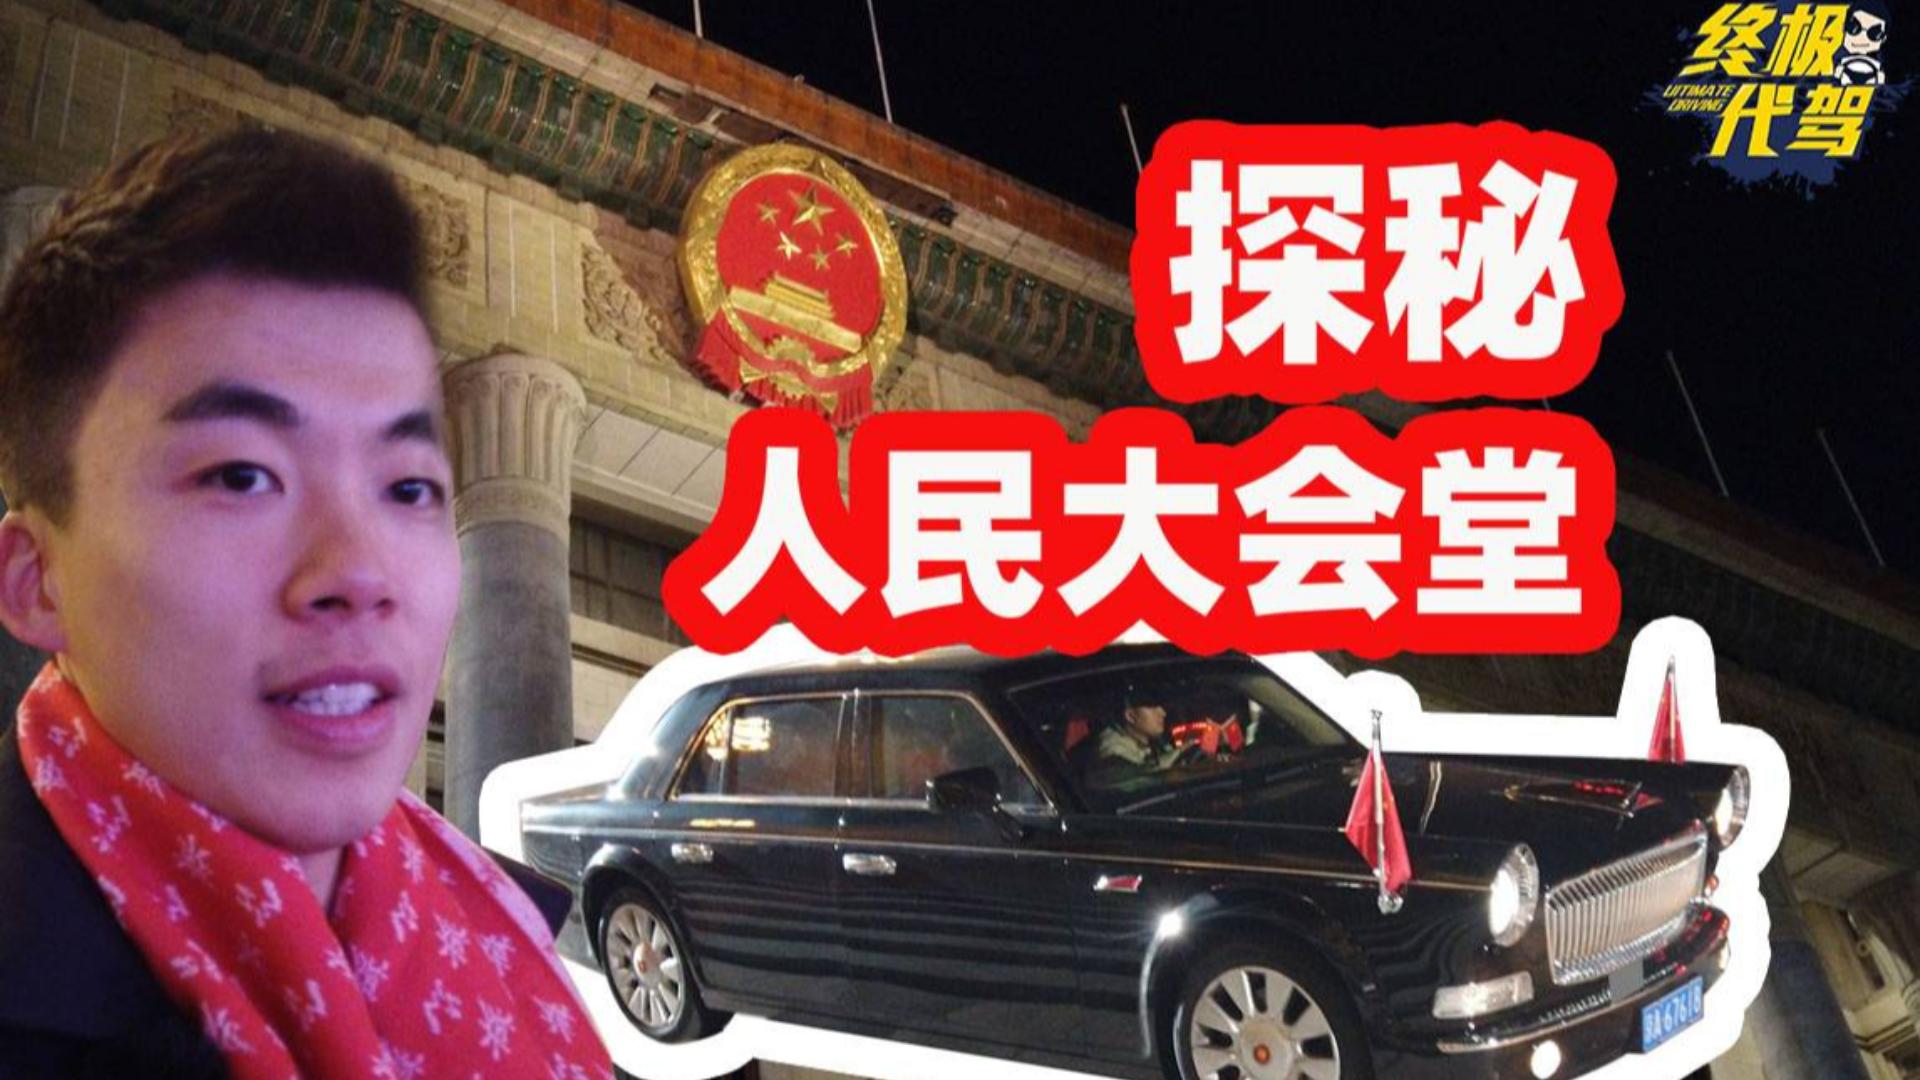 人民大会堂里面长啥样?探秘北京最强合法停车场,惊现霸气红旗L5